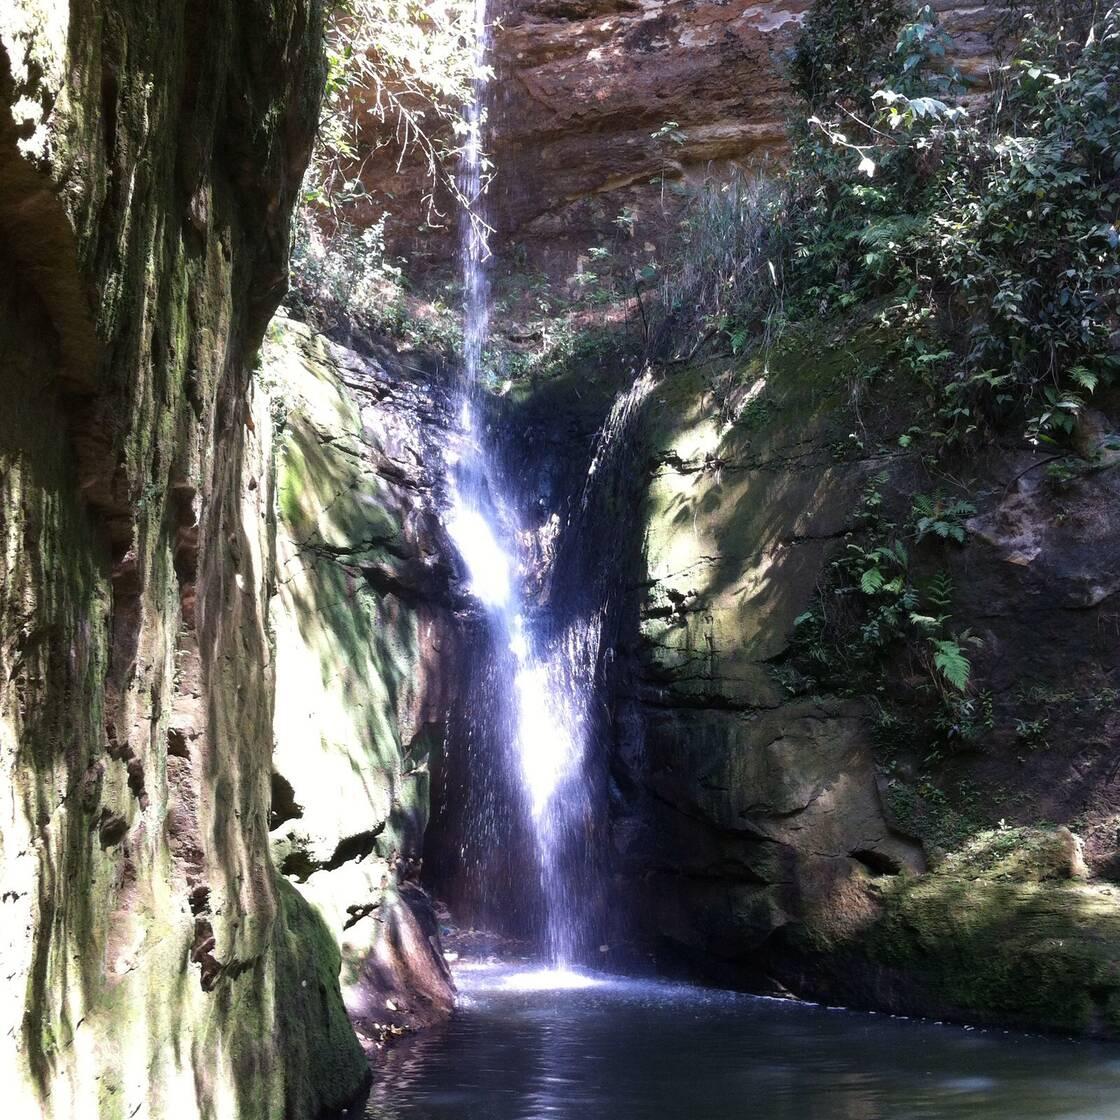 roteiro-Circuito Turístico Bem Viver: natureza, história e tradição em uma região altamente desenvolvida no interior paulista